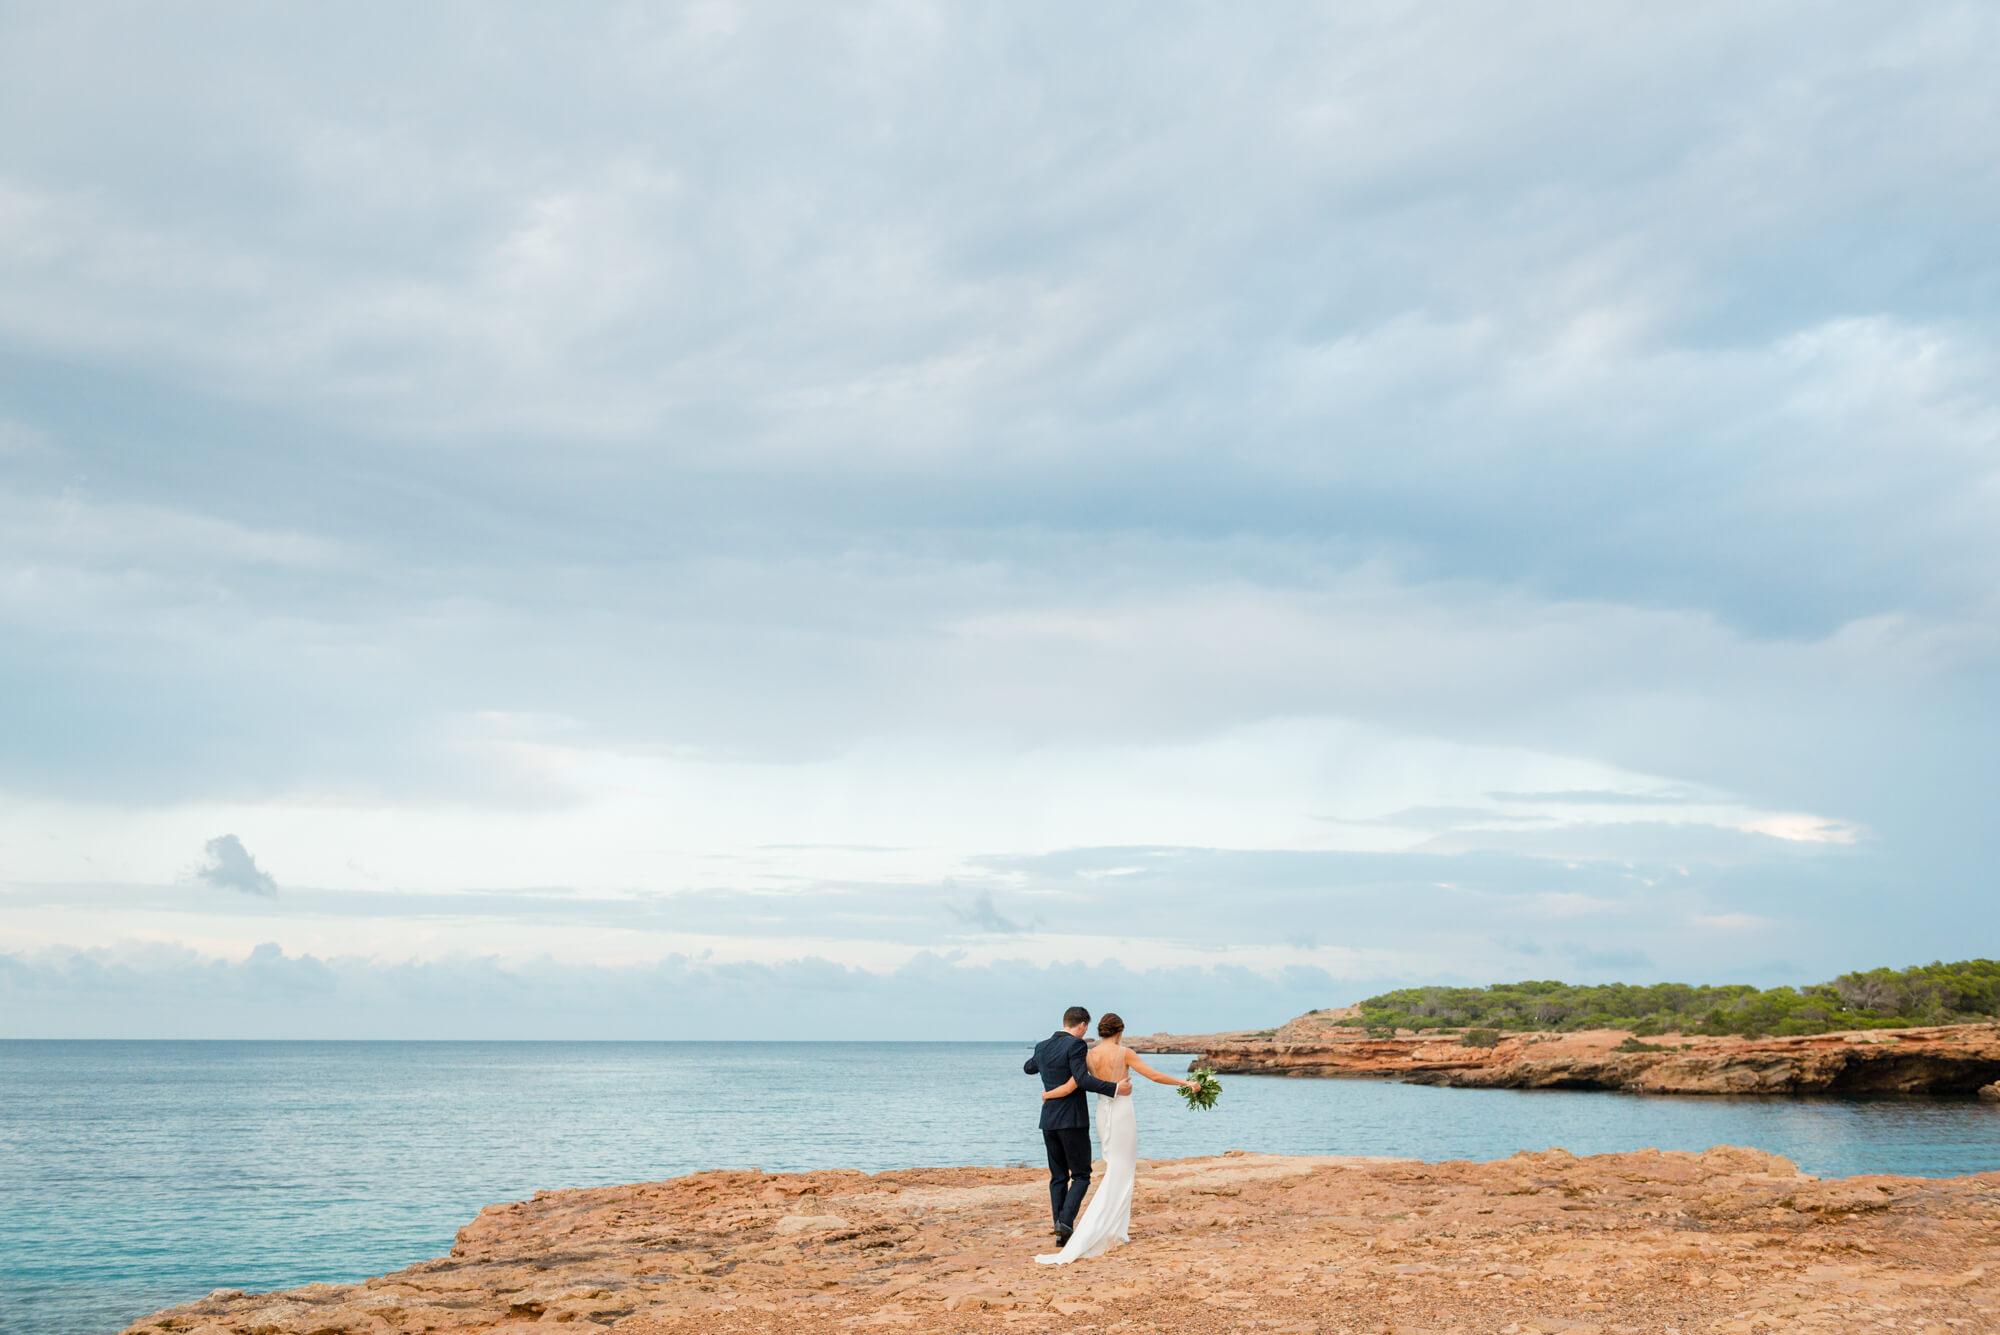 bride groom portrait seaside red rocks cliff stormy skies